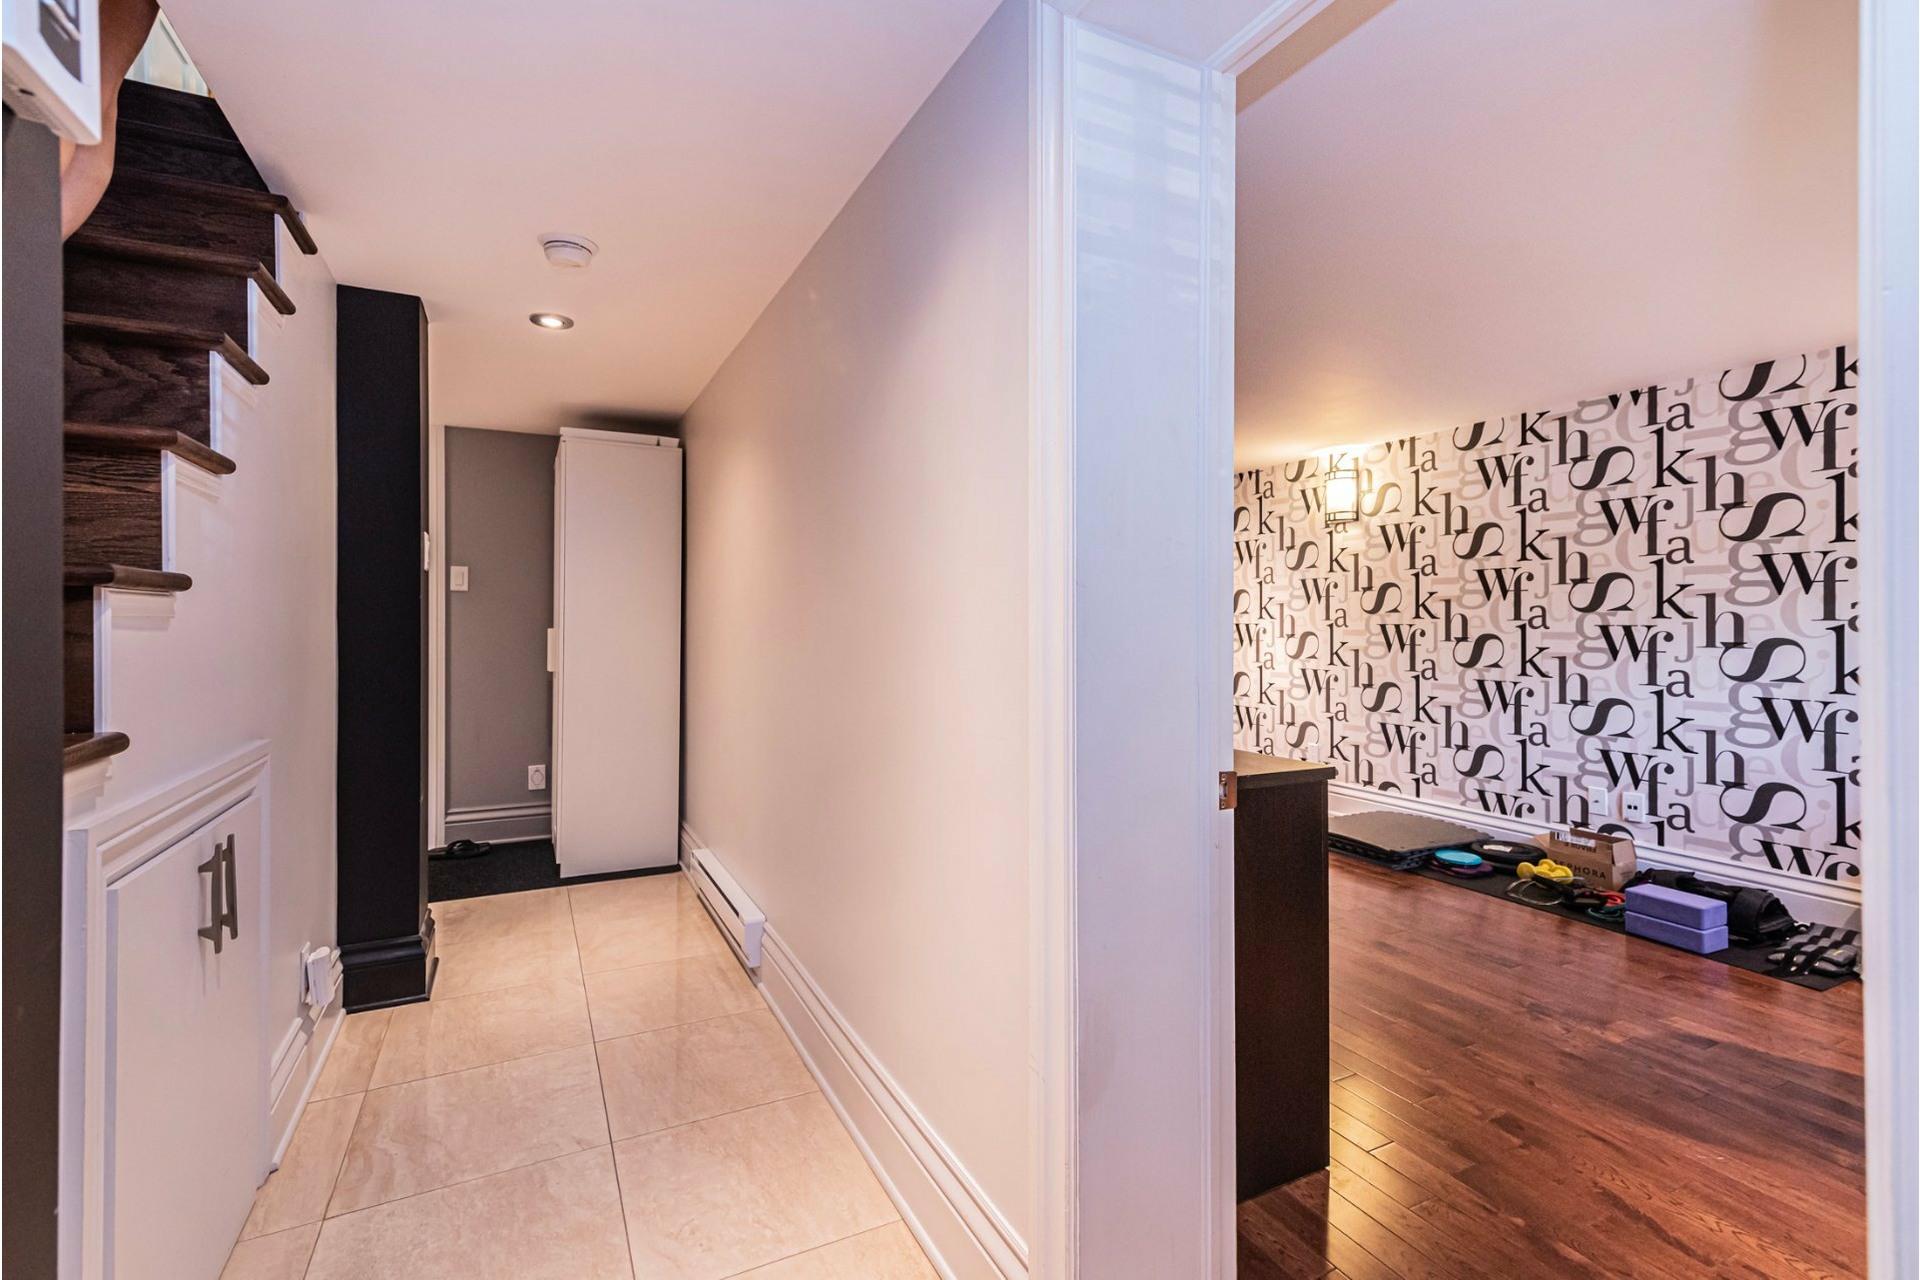 image 24 - Appartement À vendre Côte-des-Neiges/Notre-Dame-de-Grâce Montréal  - 10 pièces